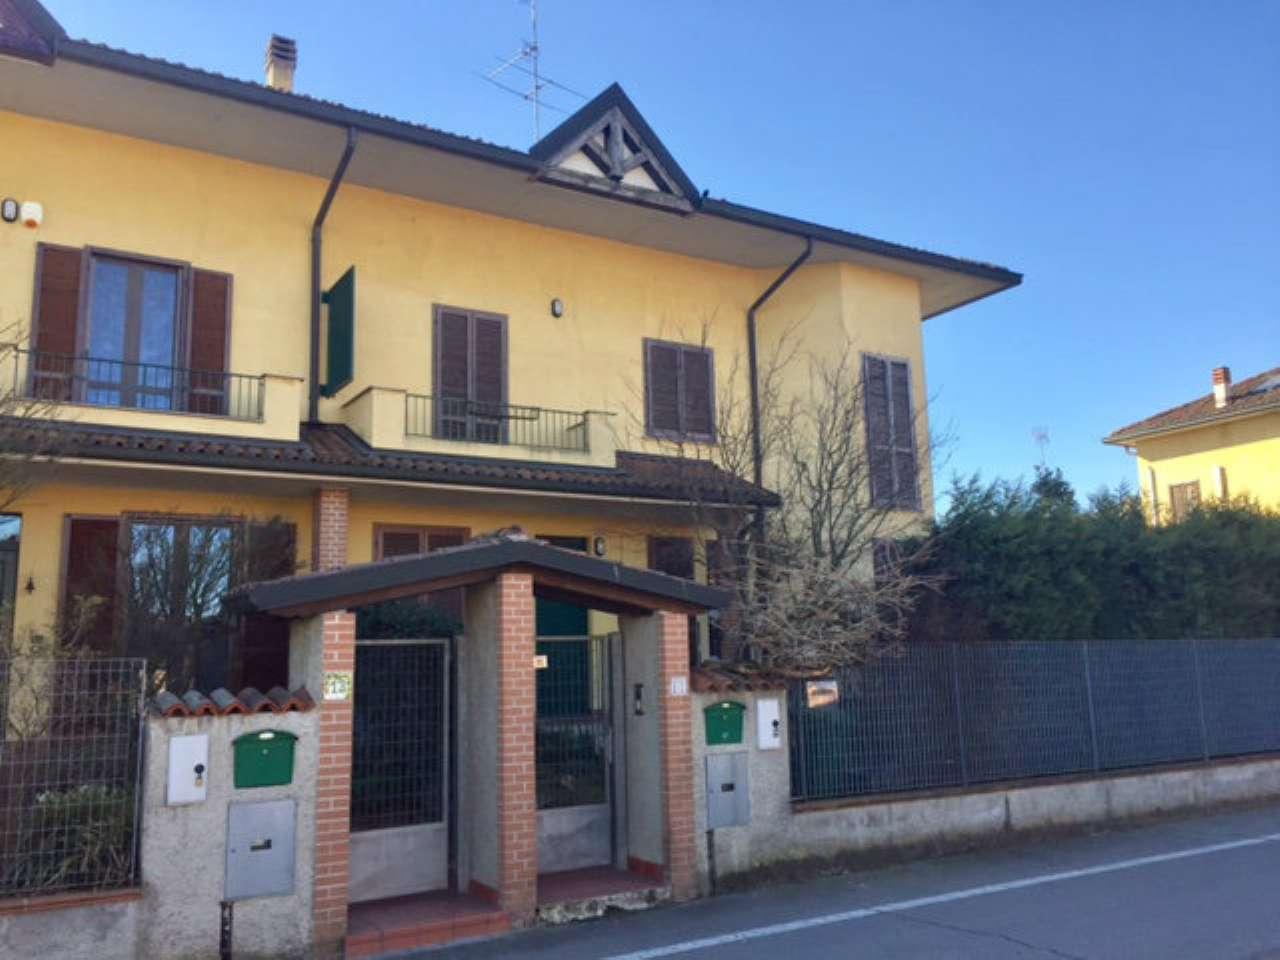 Villa Bifamiliare in vendita a Dorno, 5 locali, prezzo € 145.000 | Cambio Casa.it